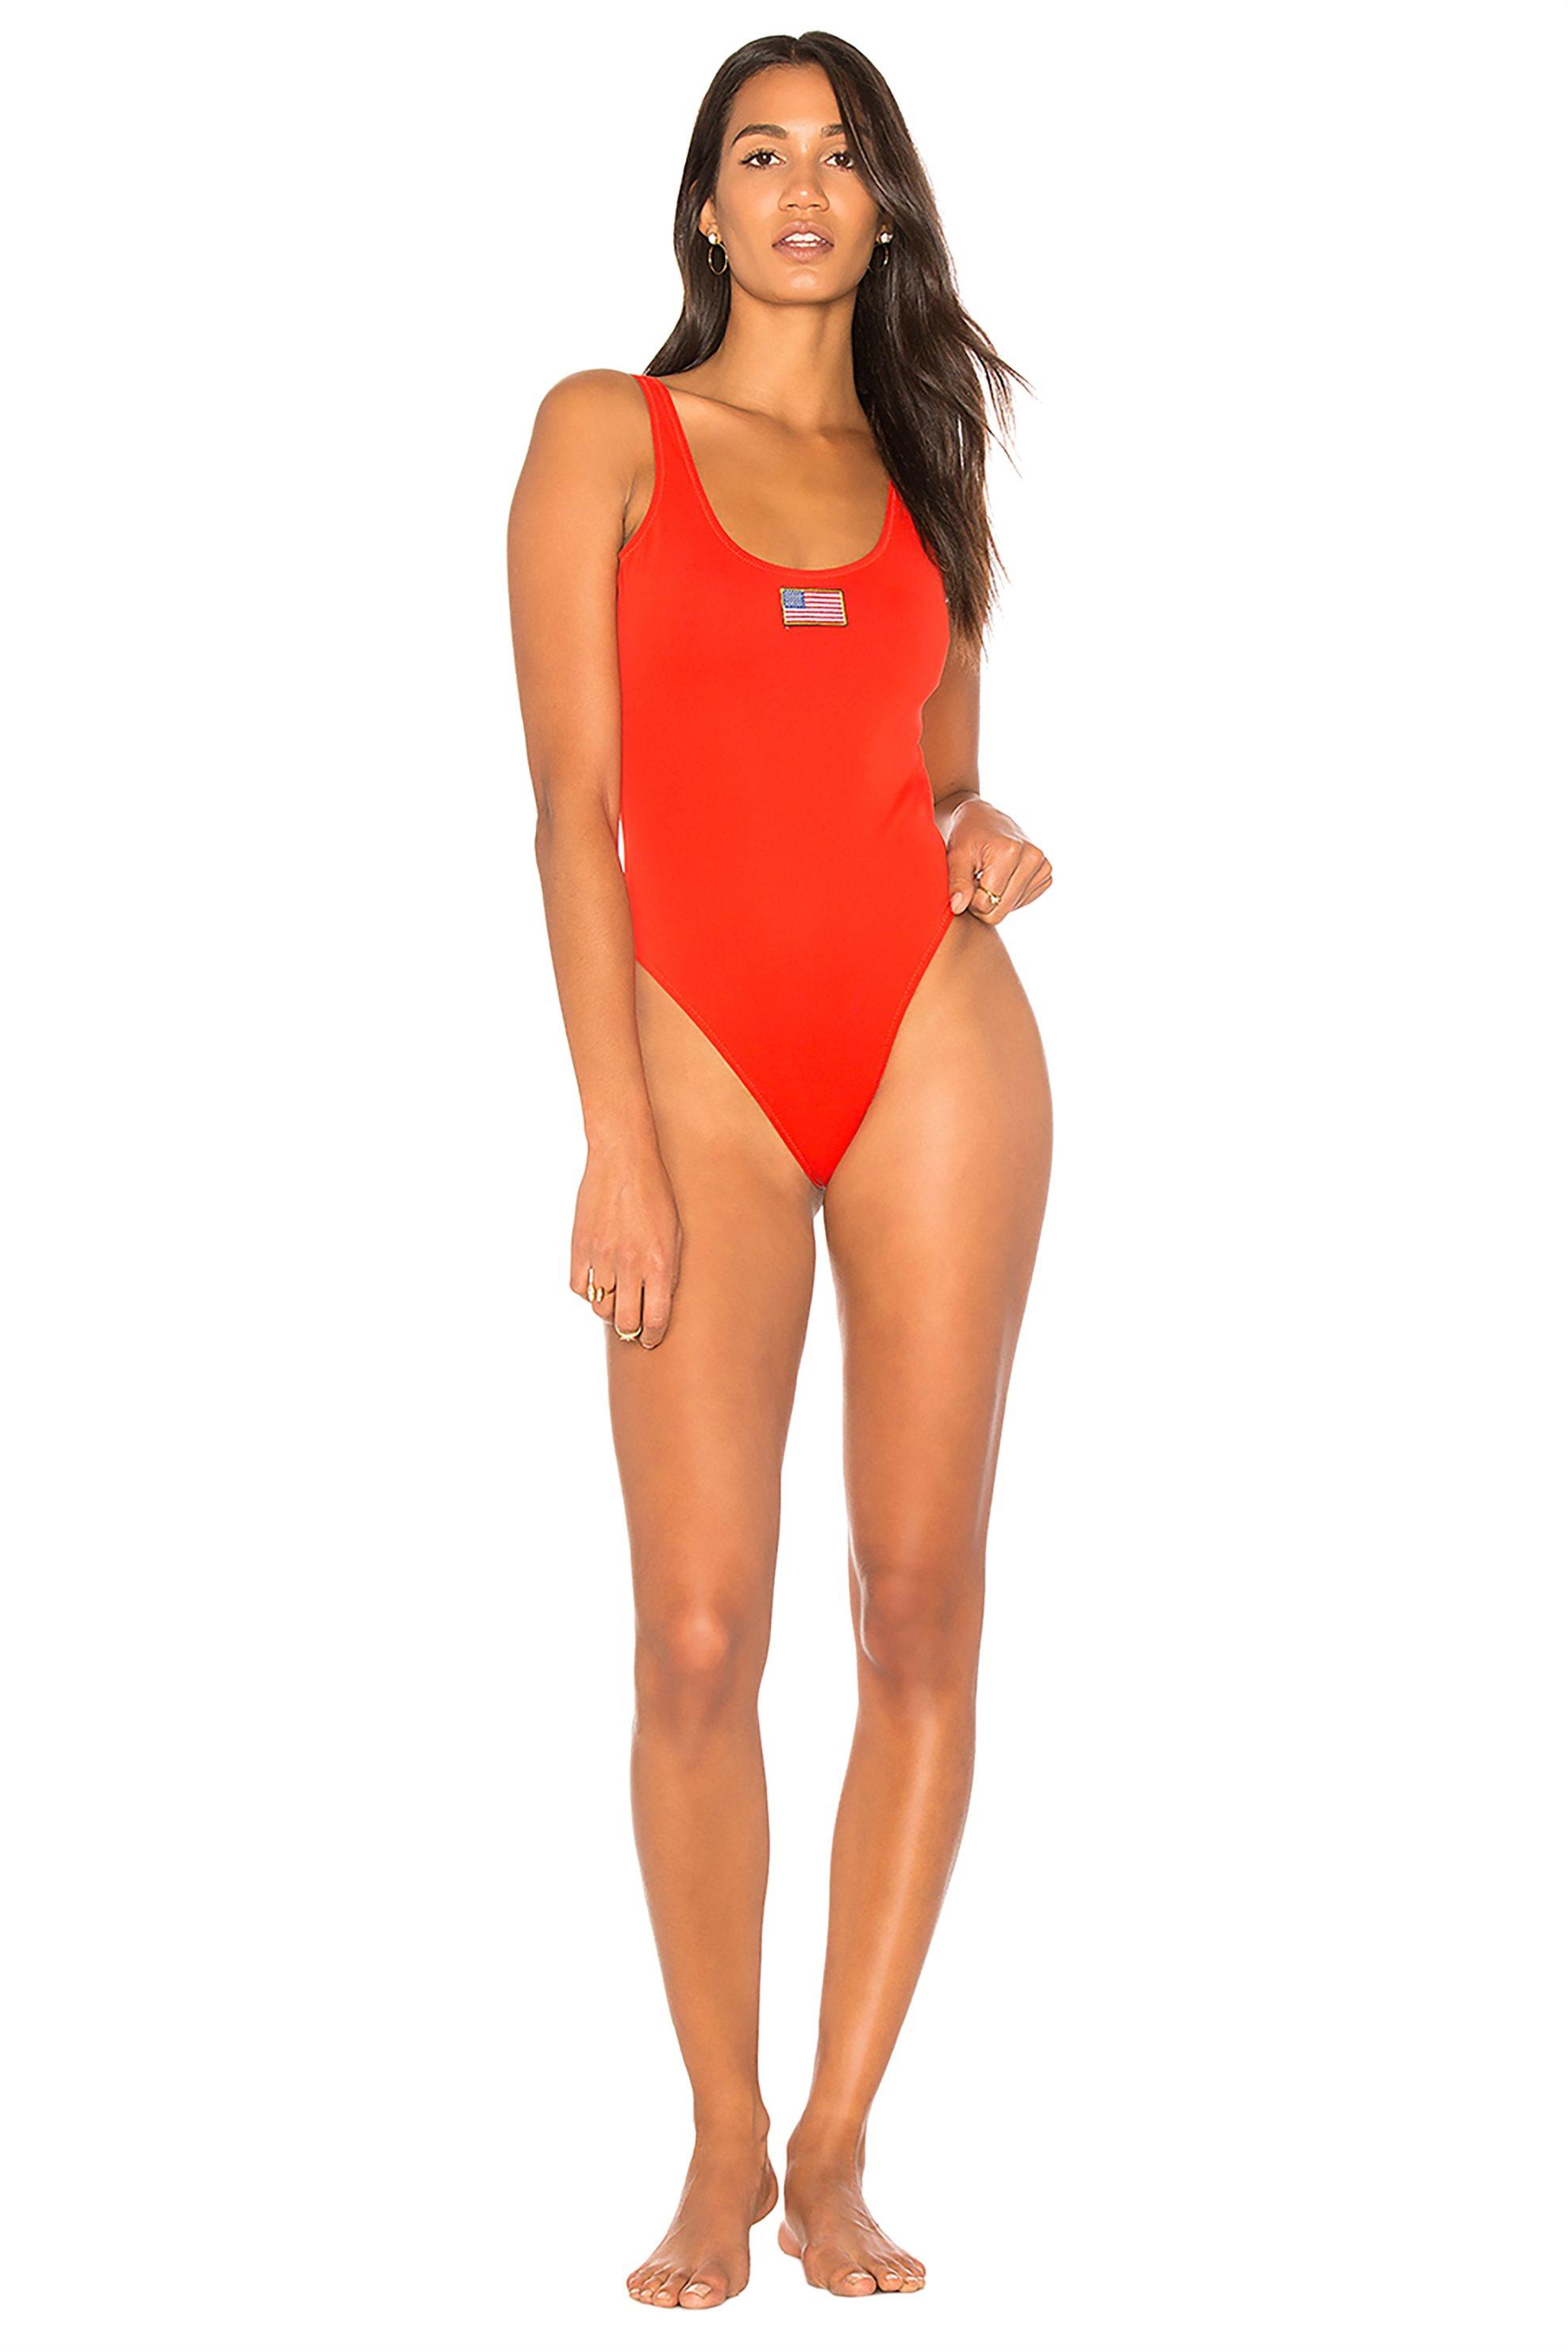 1327498510 Γυναικεία   Παραλία   Μαγιό   Γυναικείο μαγιό σετ με tropic σχέδιο ...